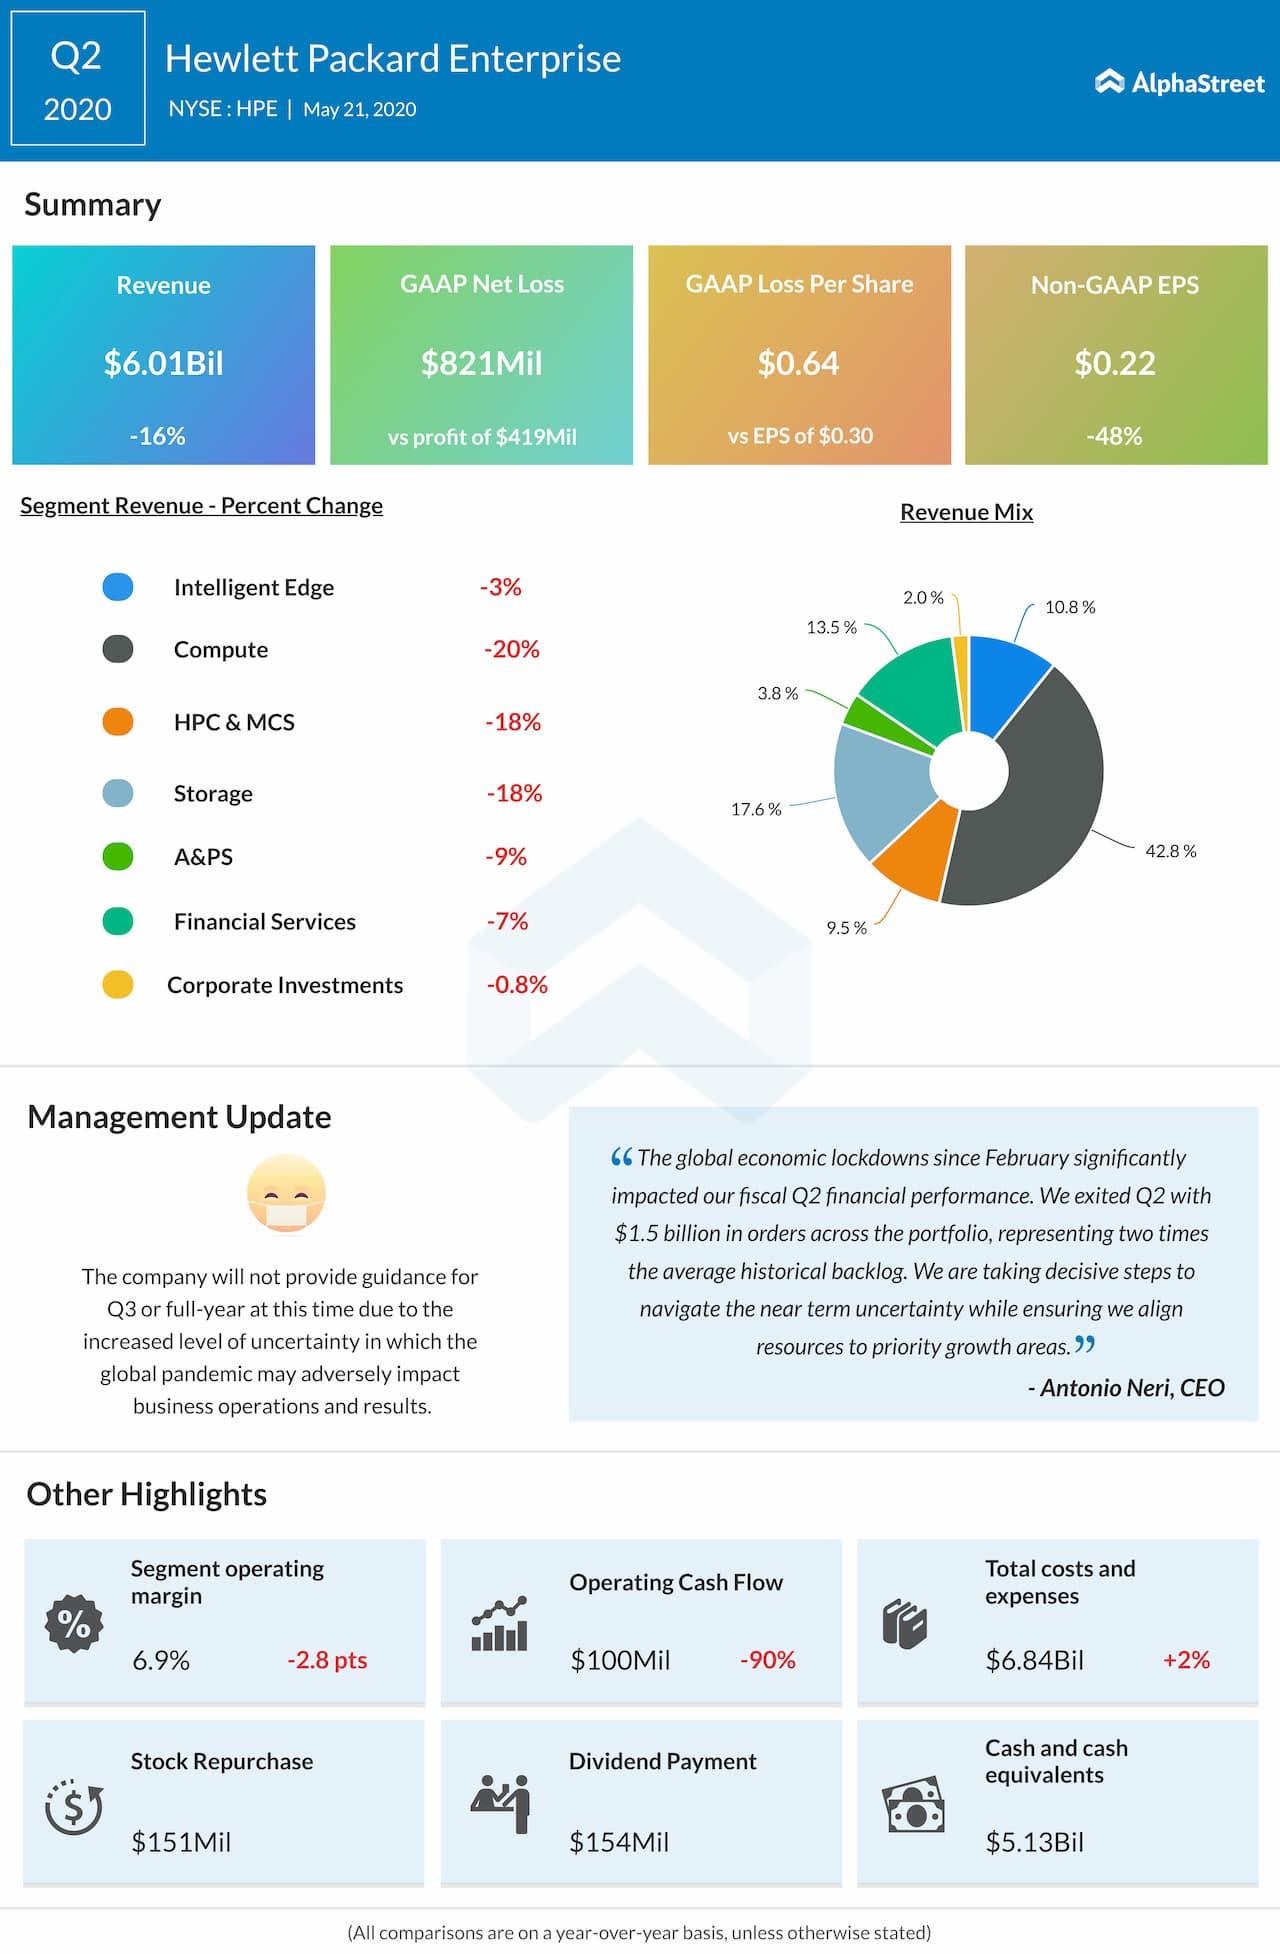 Hewlett Packard Enterprise (HPE) Q2 2020 earnings